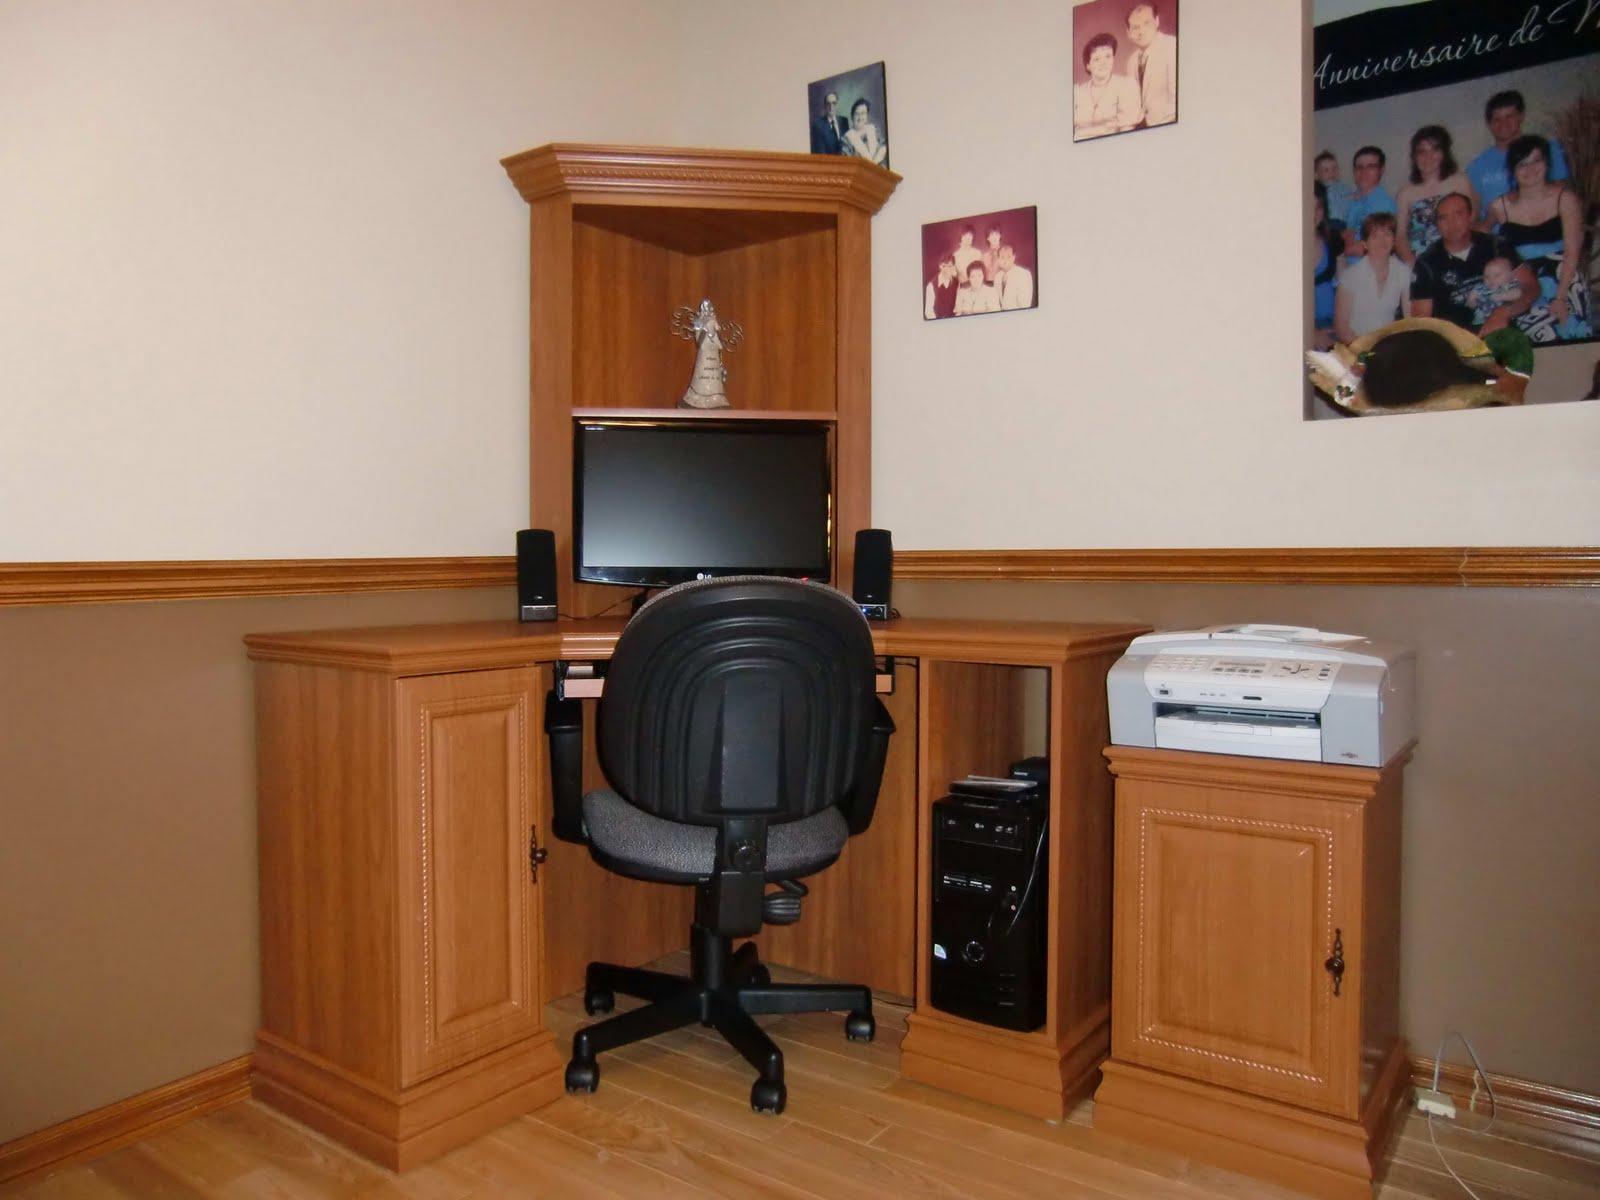 specialit smm biblioth que et meuble d 39 ordinateur en thermoplastique. Black Bedroom Furniture Sets. Home Design Ideas